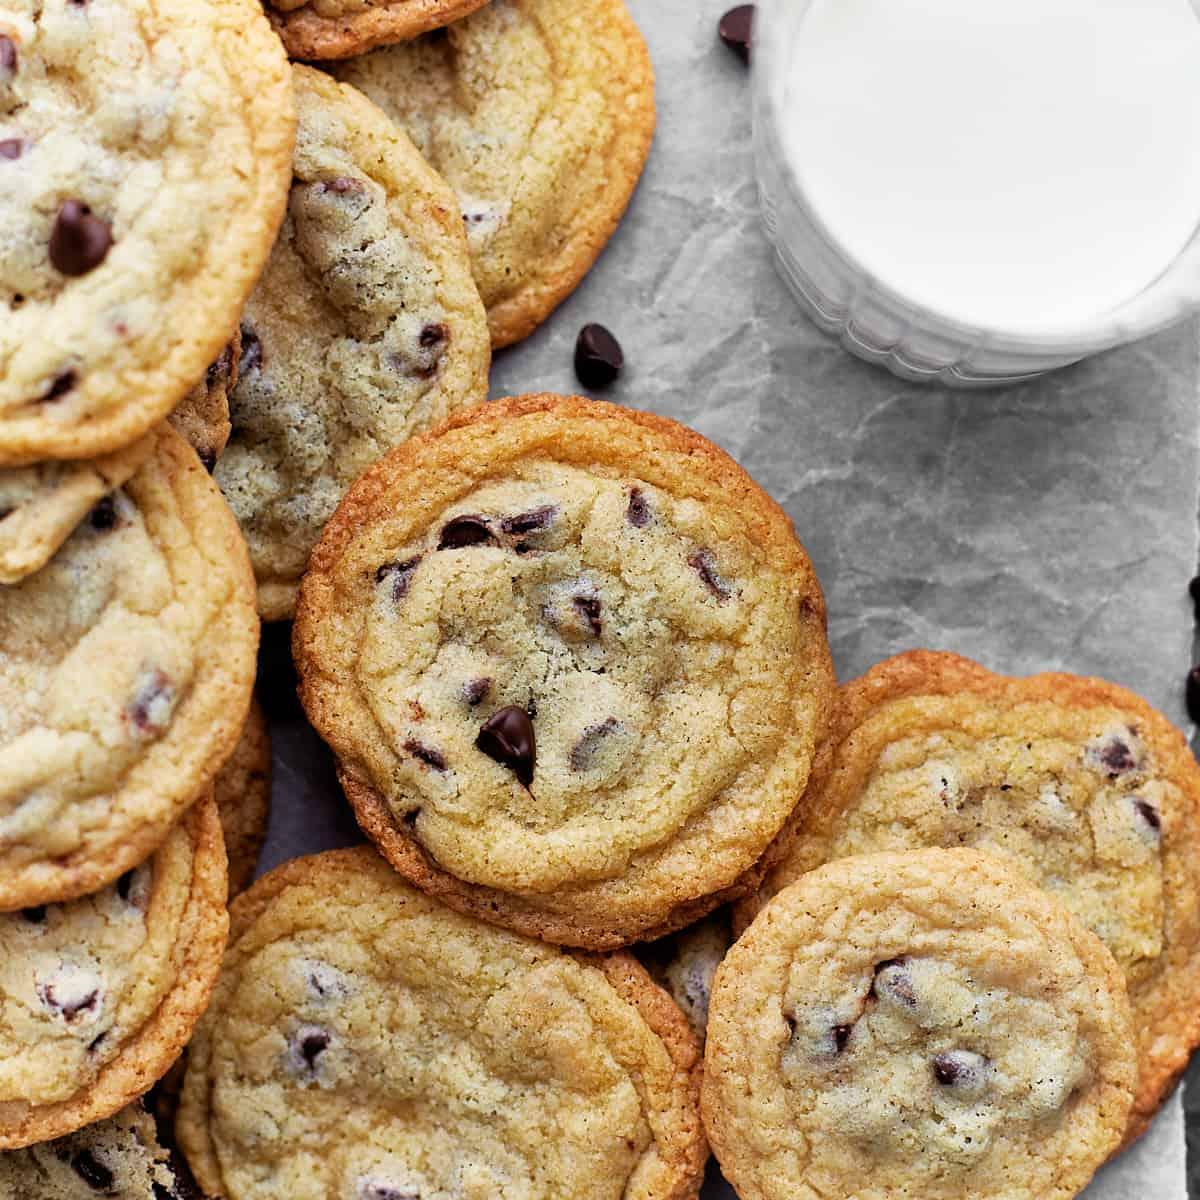 Cookies arranged around a milk glass